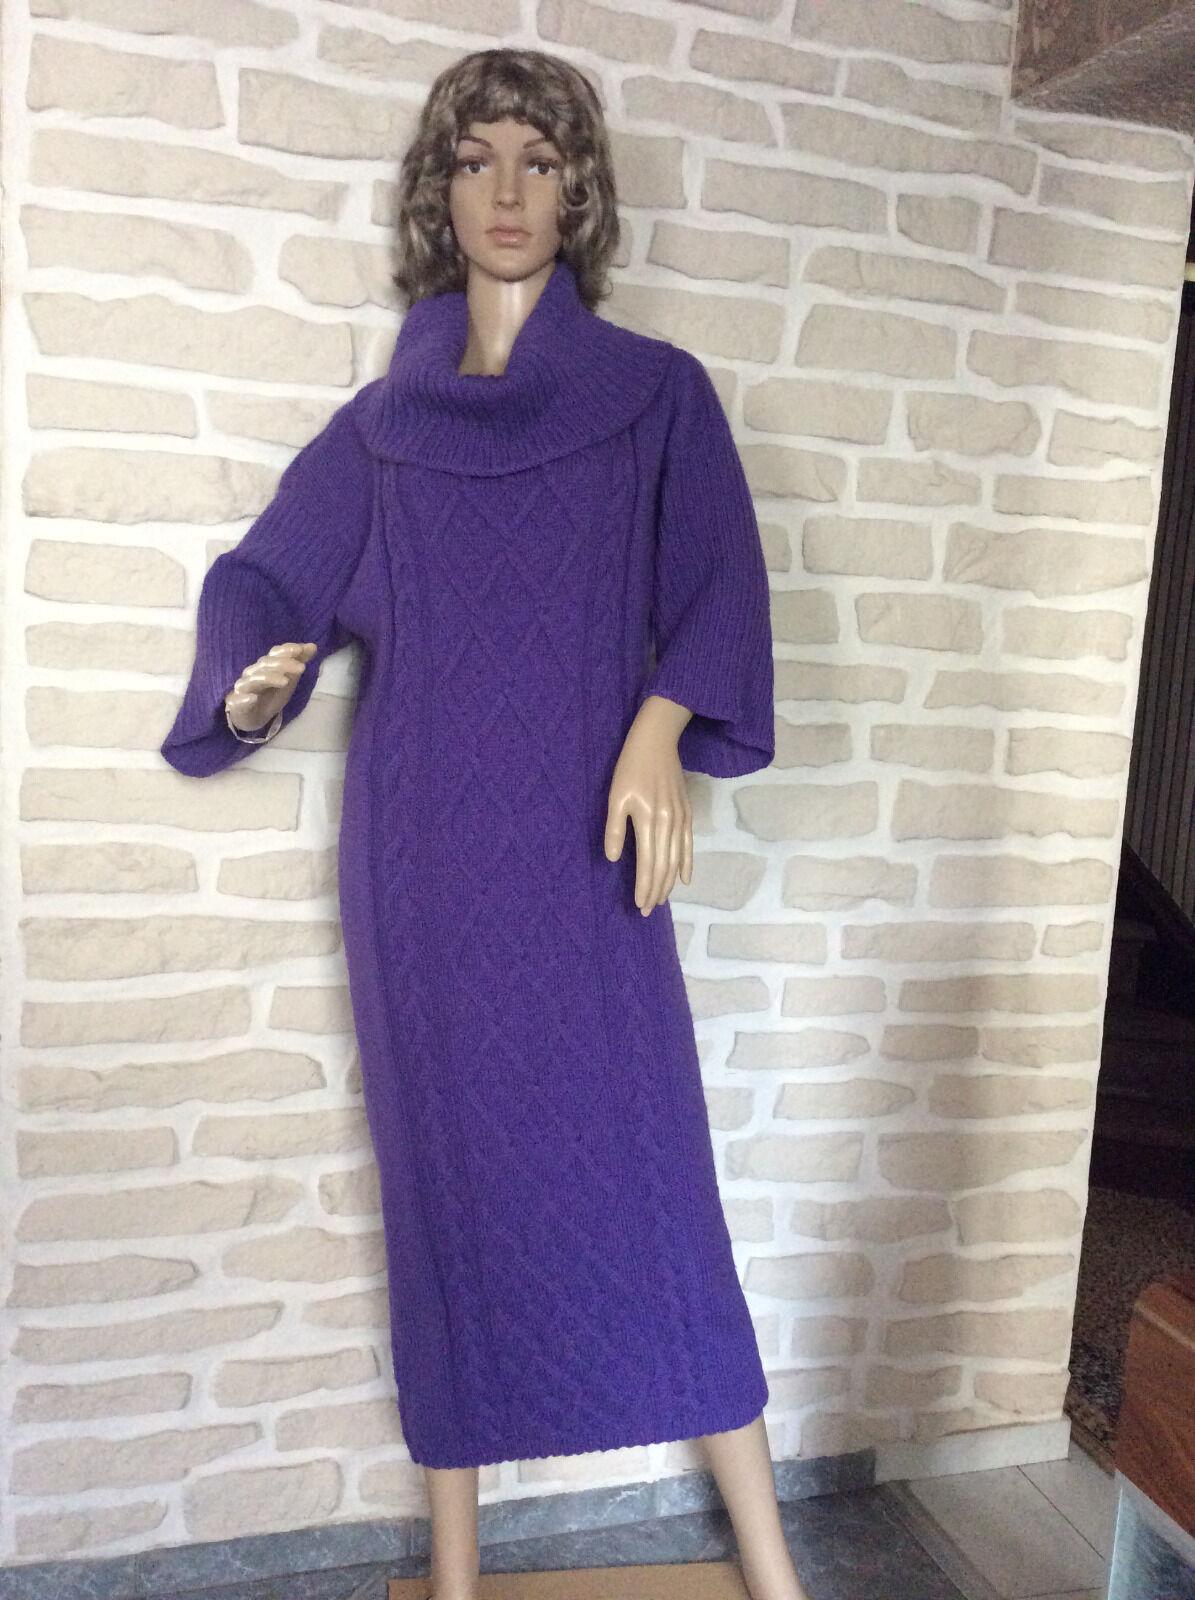 Damenkleid Strickkleid Lila Wolle Größe 42-44 L XL Neu 100% Handarbeit